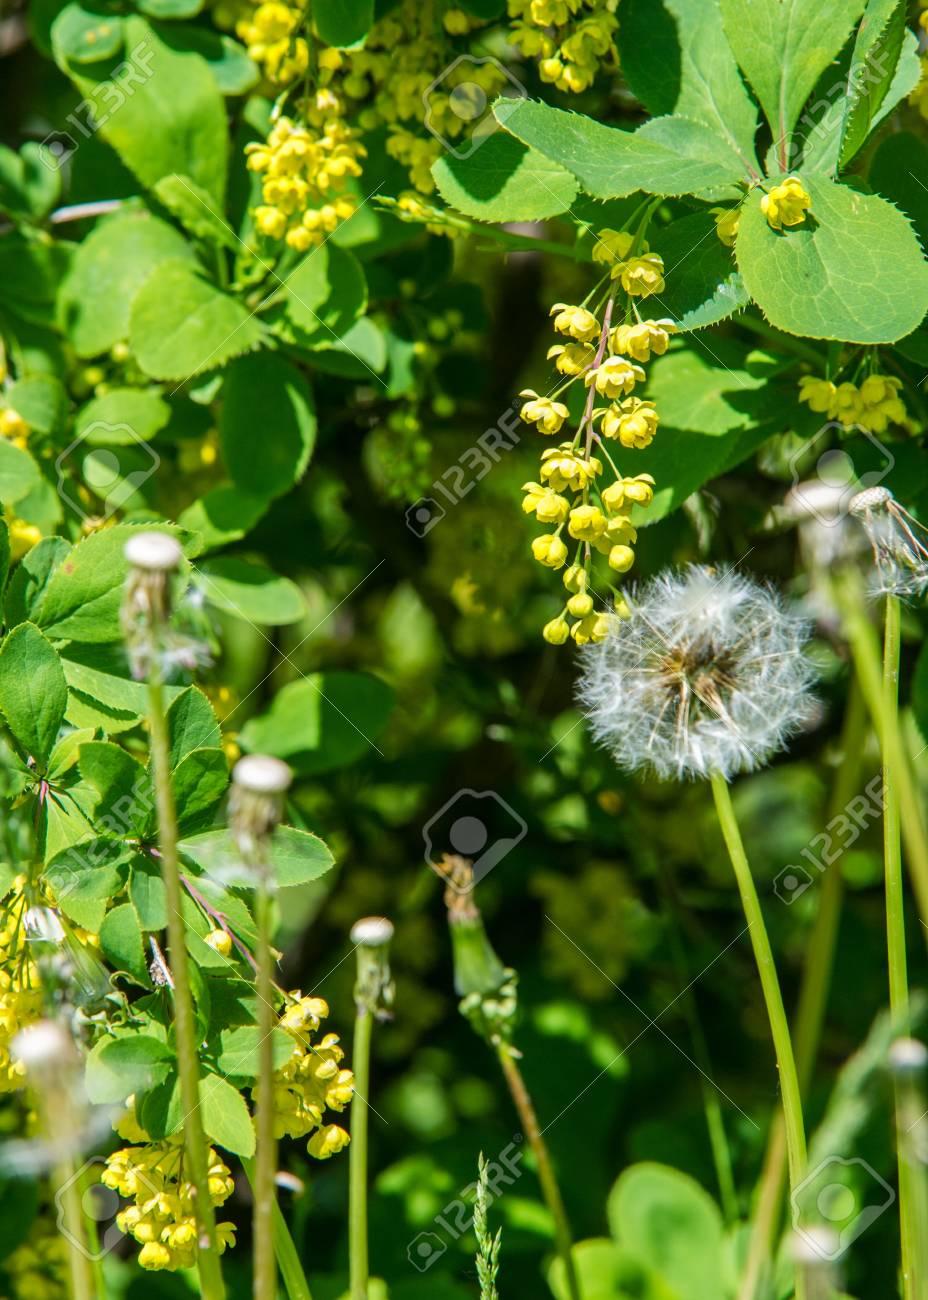 Arbusto A Fiori Gialli fiori crespino, un arbusto spinoso che porta fiori gialli e bacche rosse o  blu-nero.